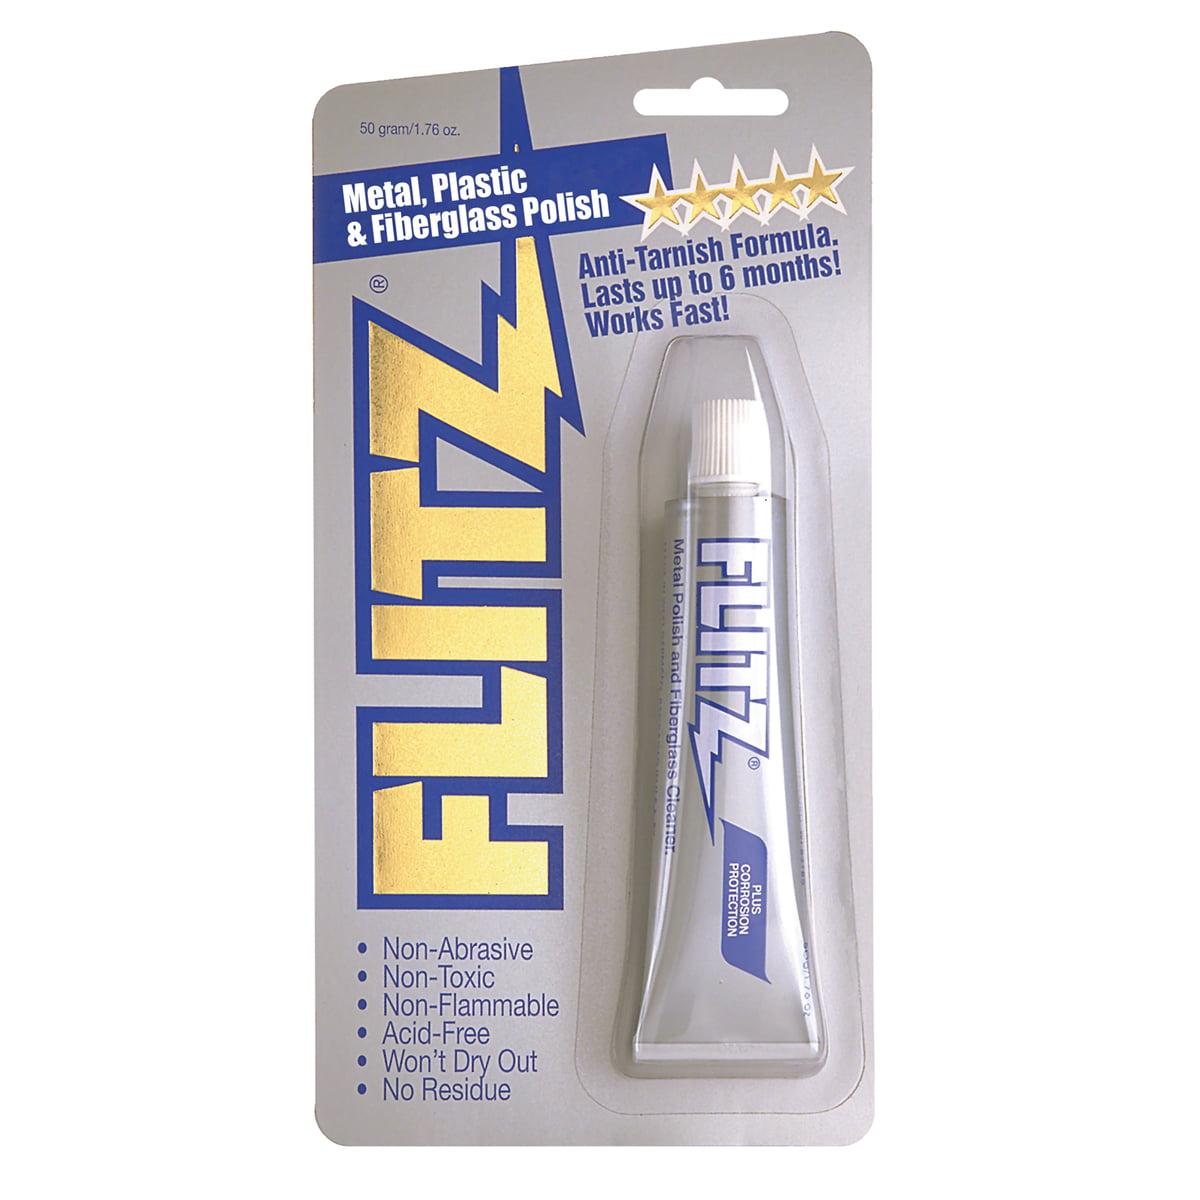 Flitz Metal Plastic-Fiberglass Polish 1.76oz Tube